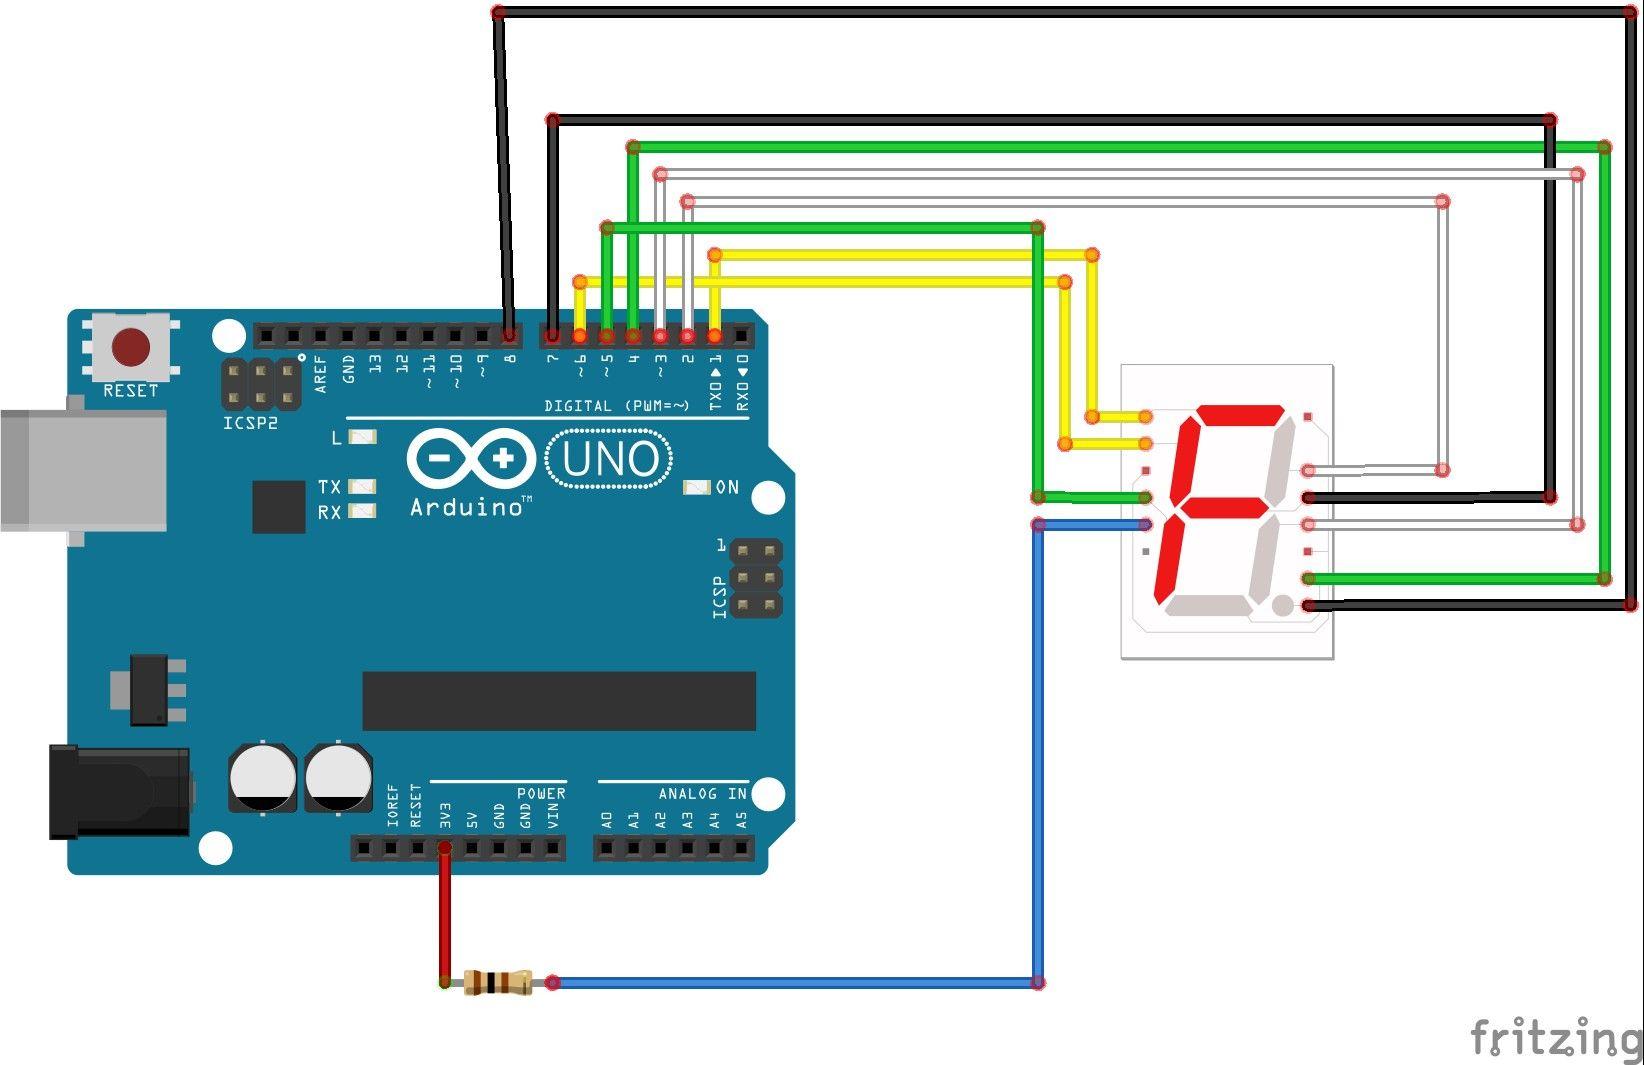 7 Segment Display Clock Circuit Diagram In 2020 Circuit Diagram Snap Circuits Seven Segment Display